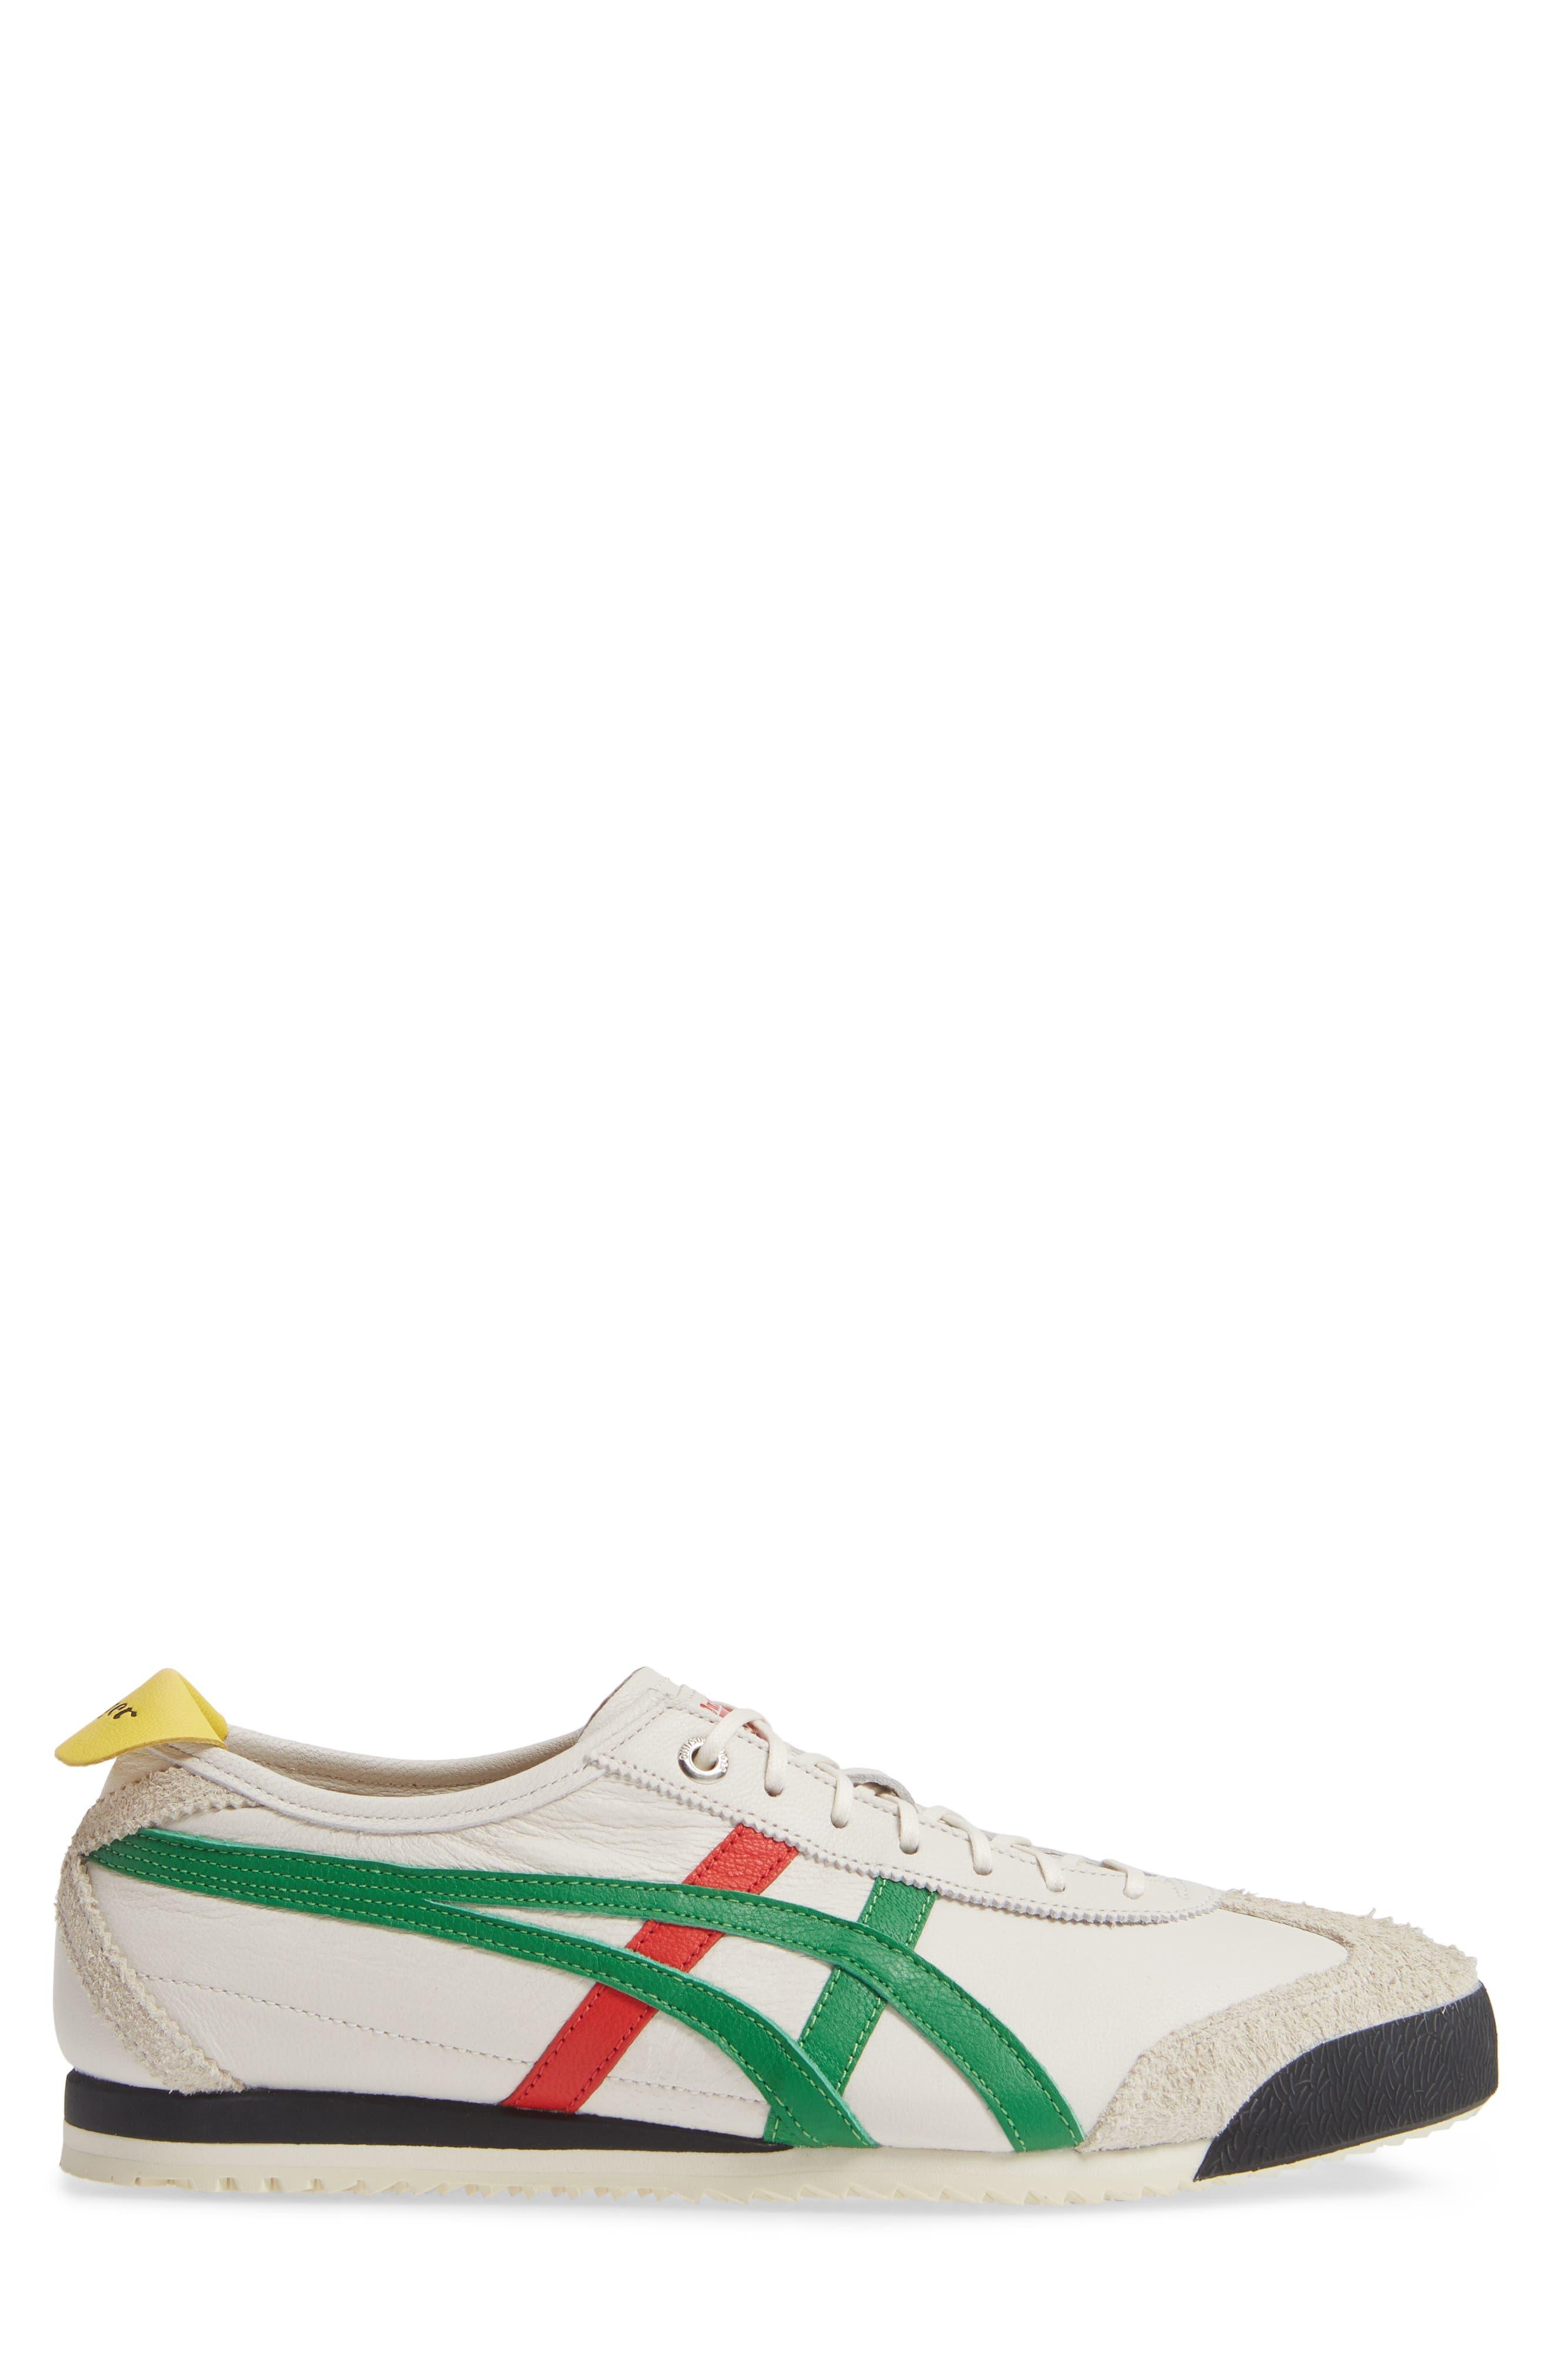 Mexico SD Sneaker,                             Alternate thumbnail 3, color,                             CREAM/ GREEN